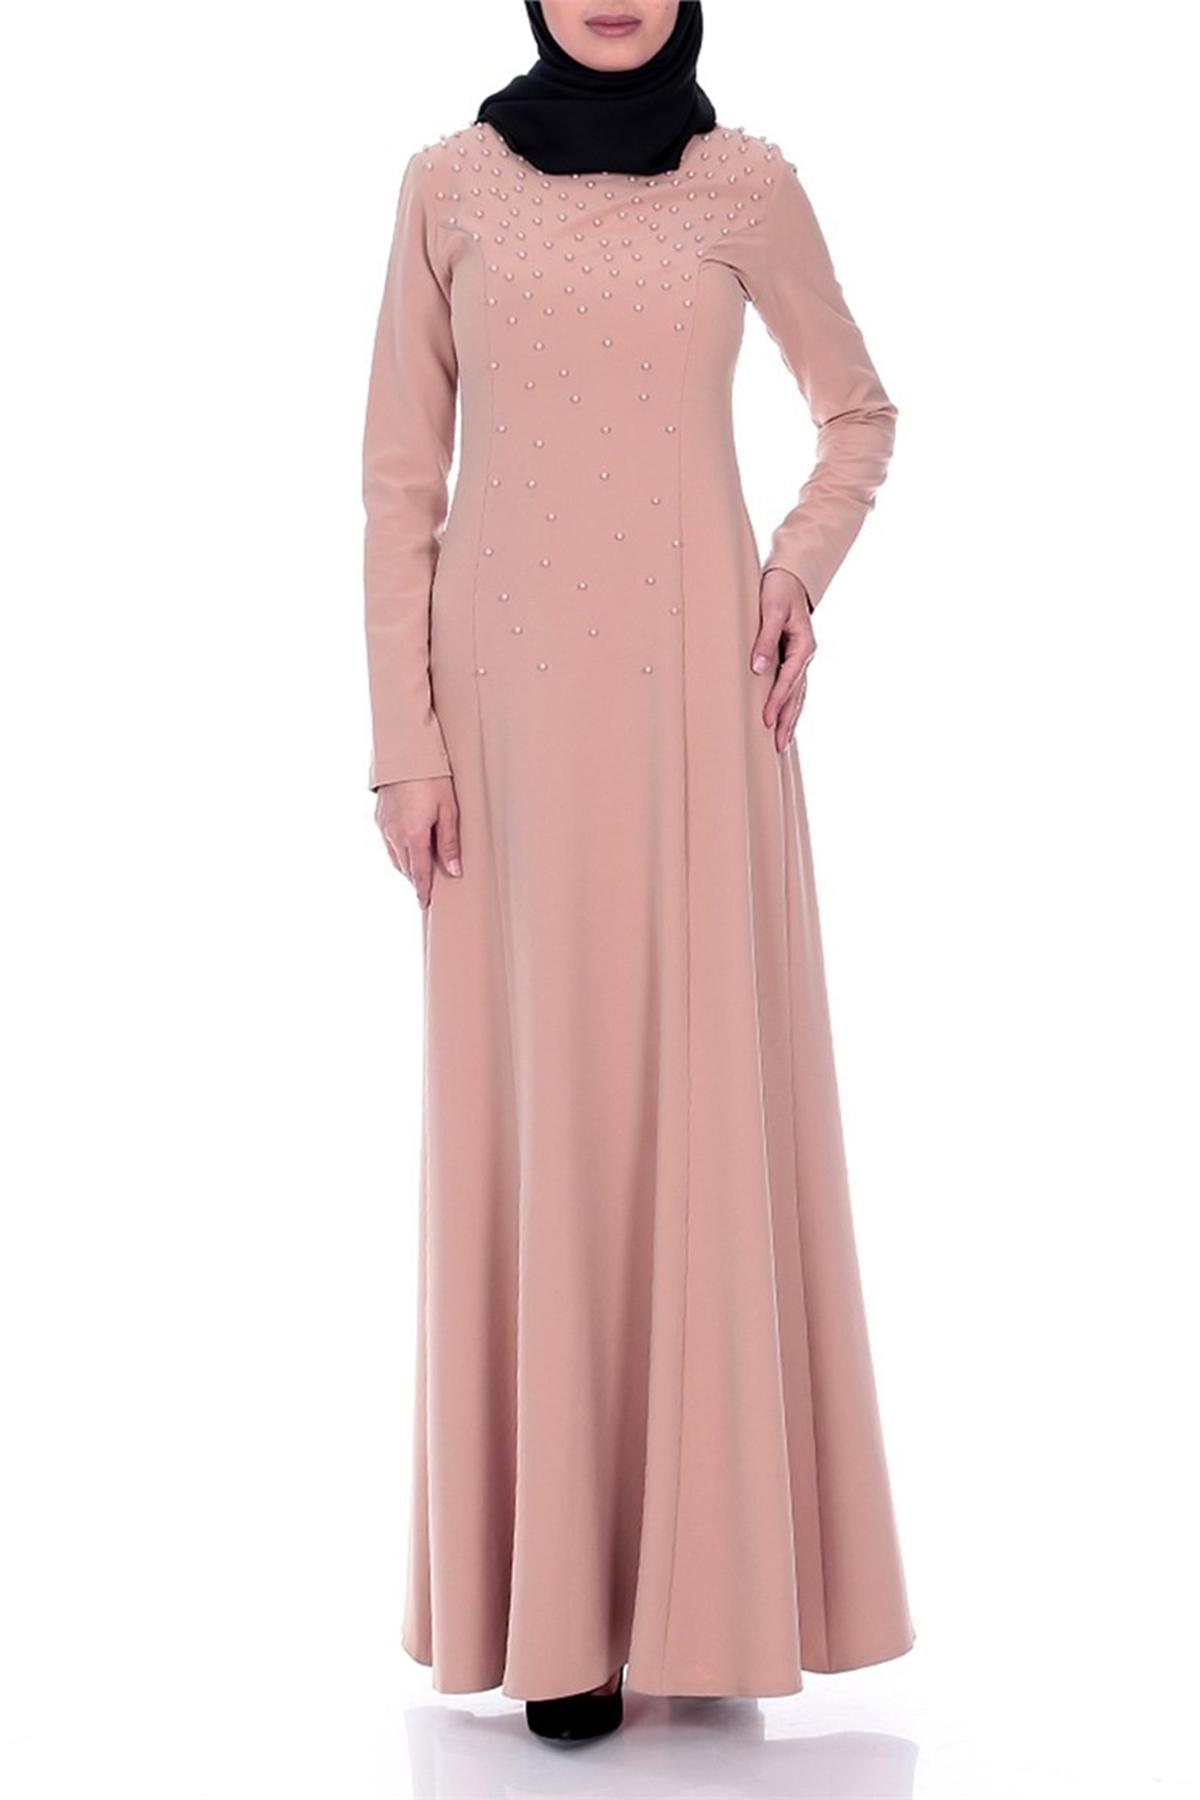 2018 Patirti.Com Tesettur Abiye Modelleri 9 - 2018 Sedanur Tesettür Abiye Elbise Modelleri